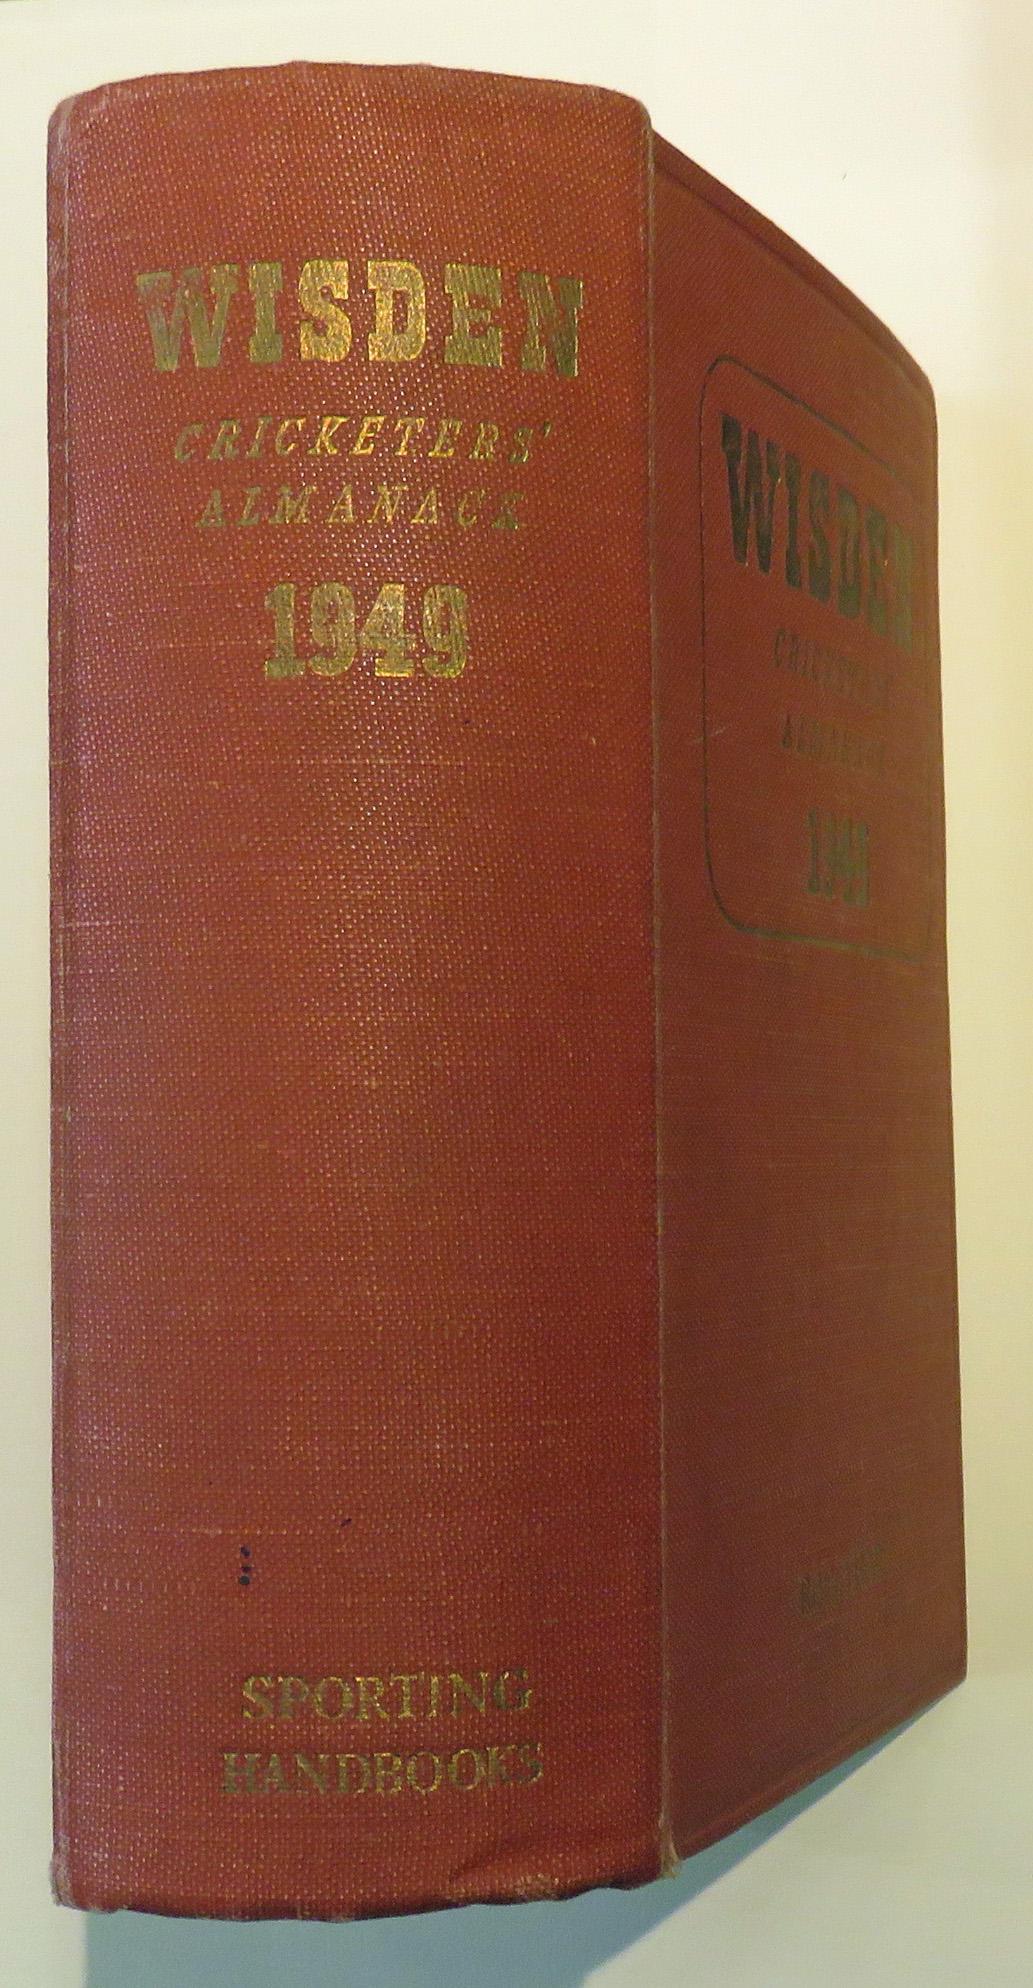 Wisden Cricketers' Almanack 1949